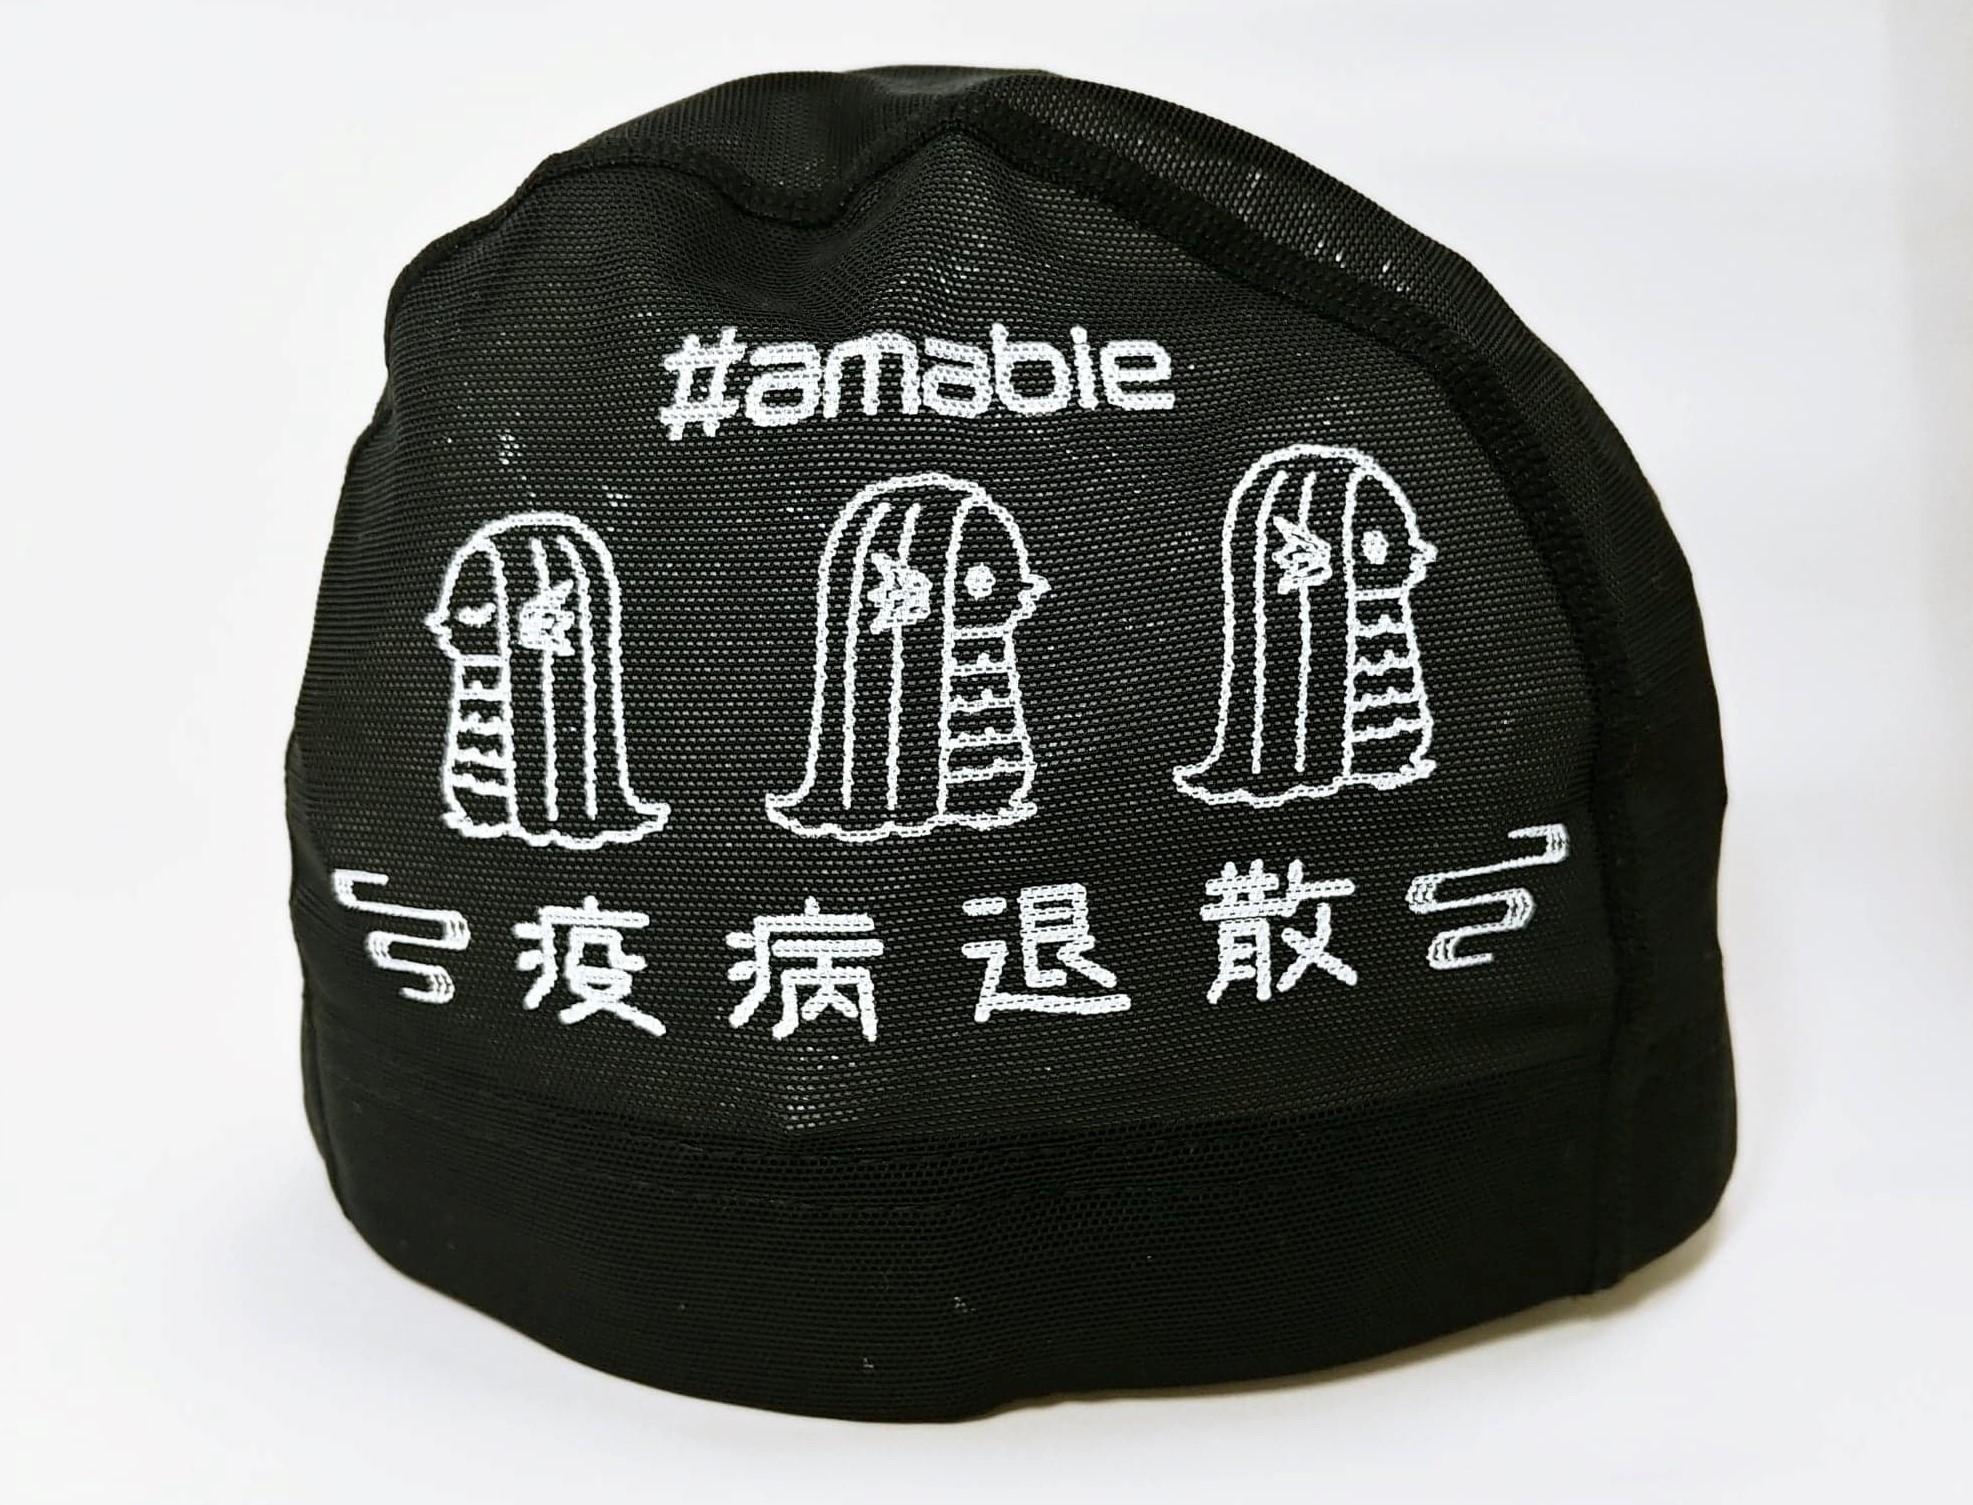 「あすたま」「アマビエ」オリジナルメッシュキャップ販売開始!!